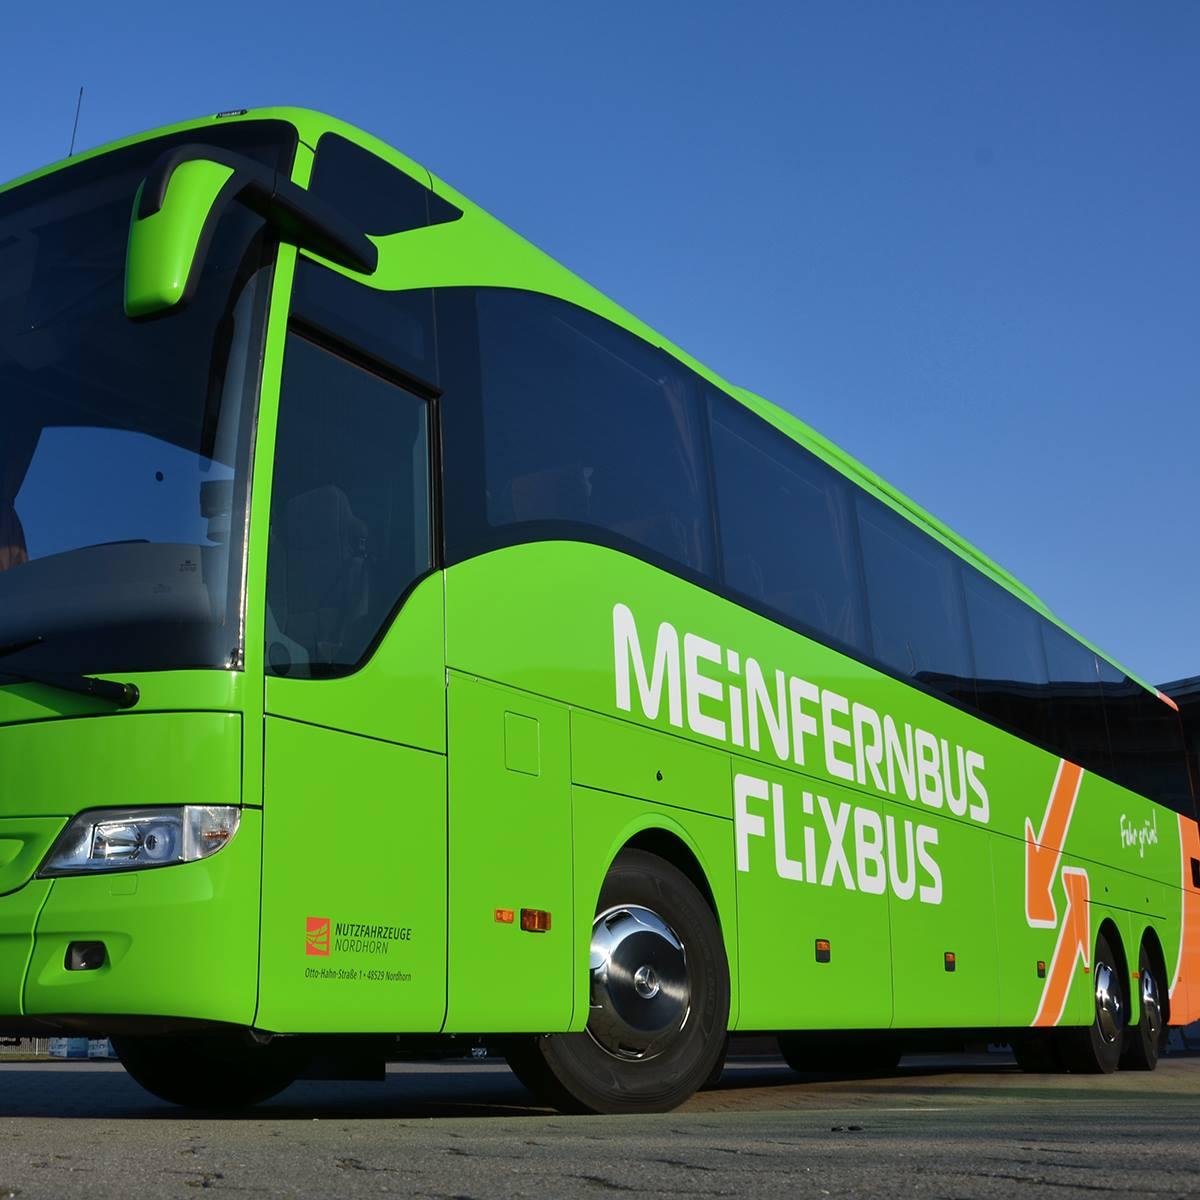 bus pas cher bus le meilleur moyen de voyager pas cher bus ouibus billets de bus pas cher sur. Black Bedroom Furniture Sets. Home Design Ideas